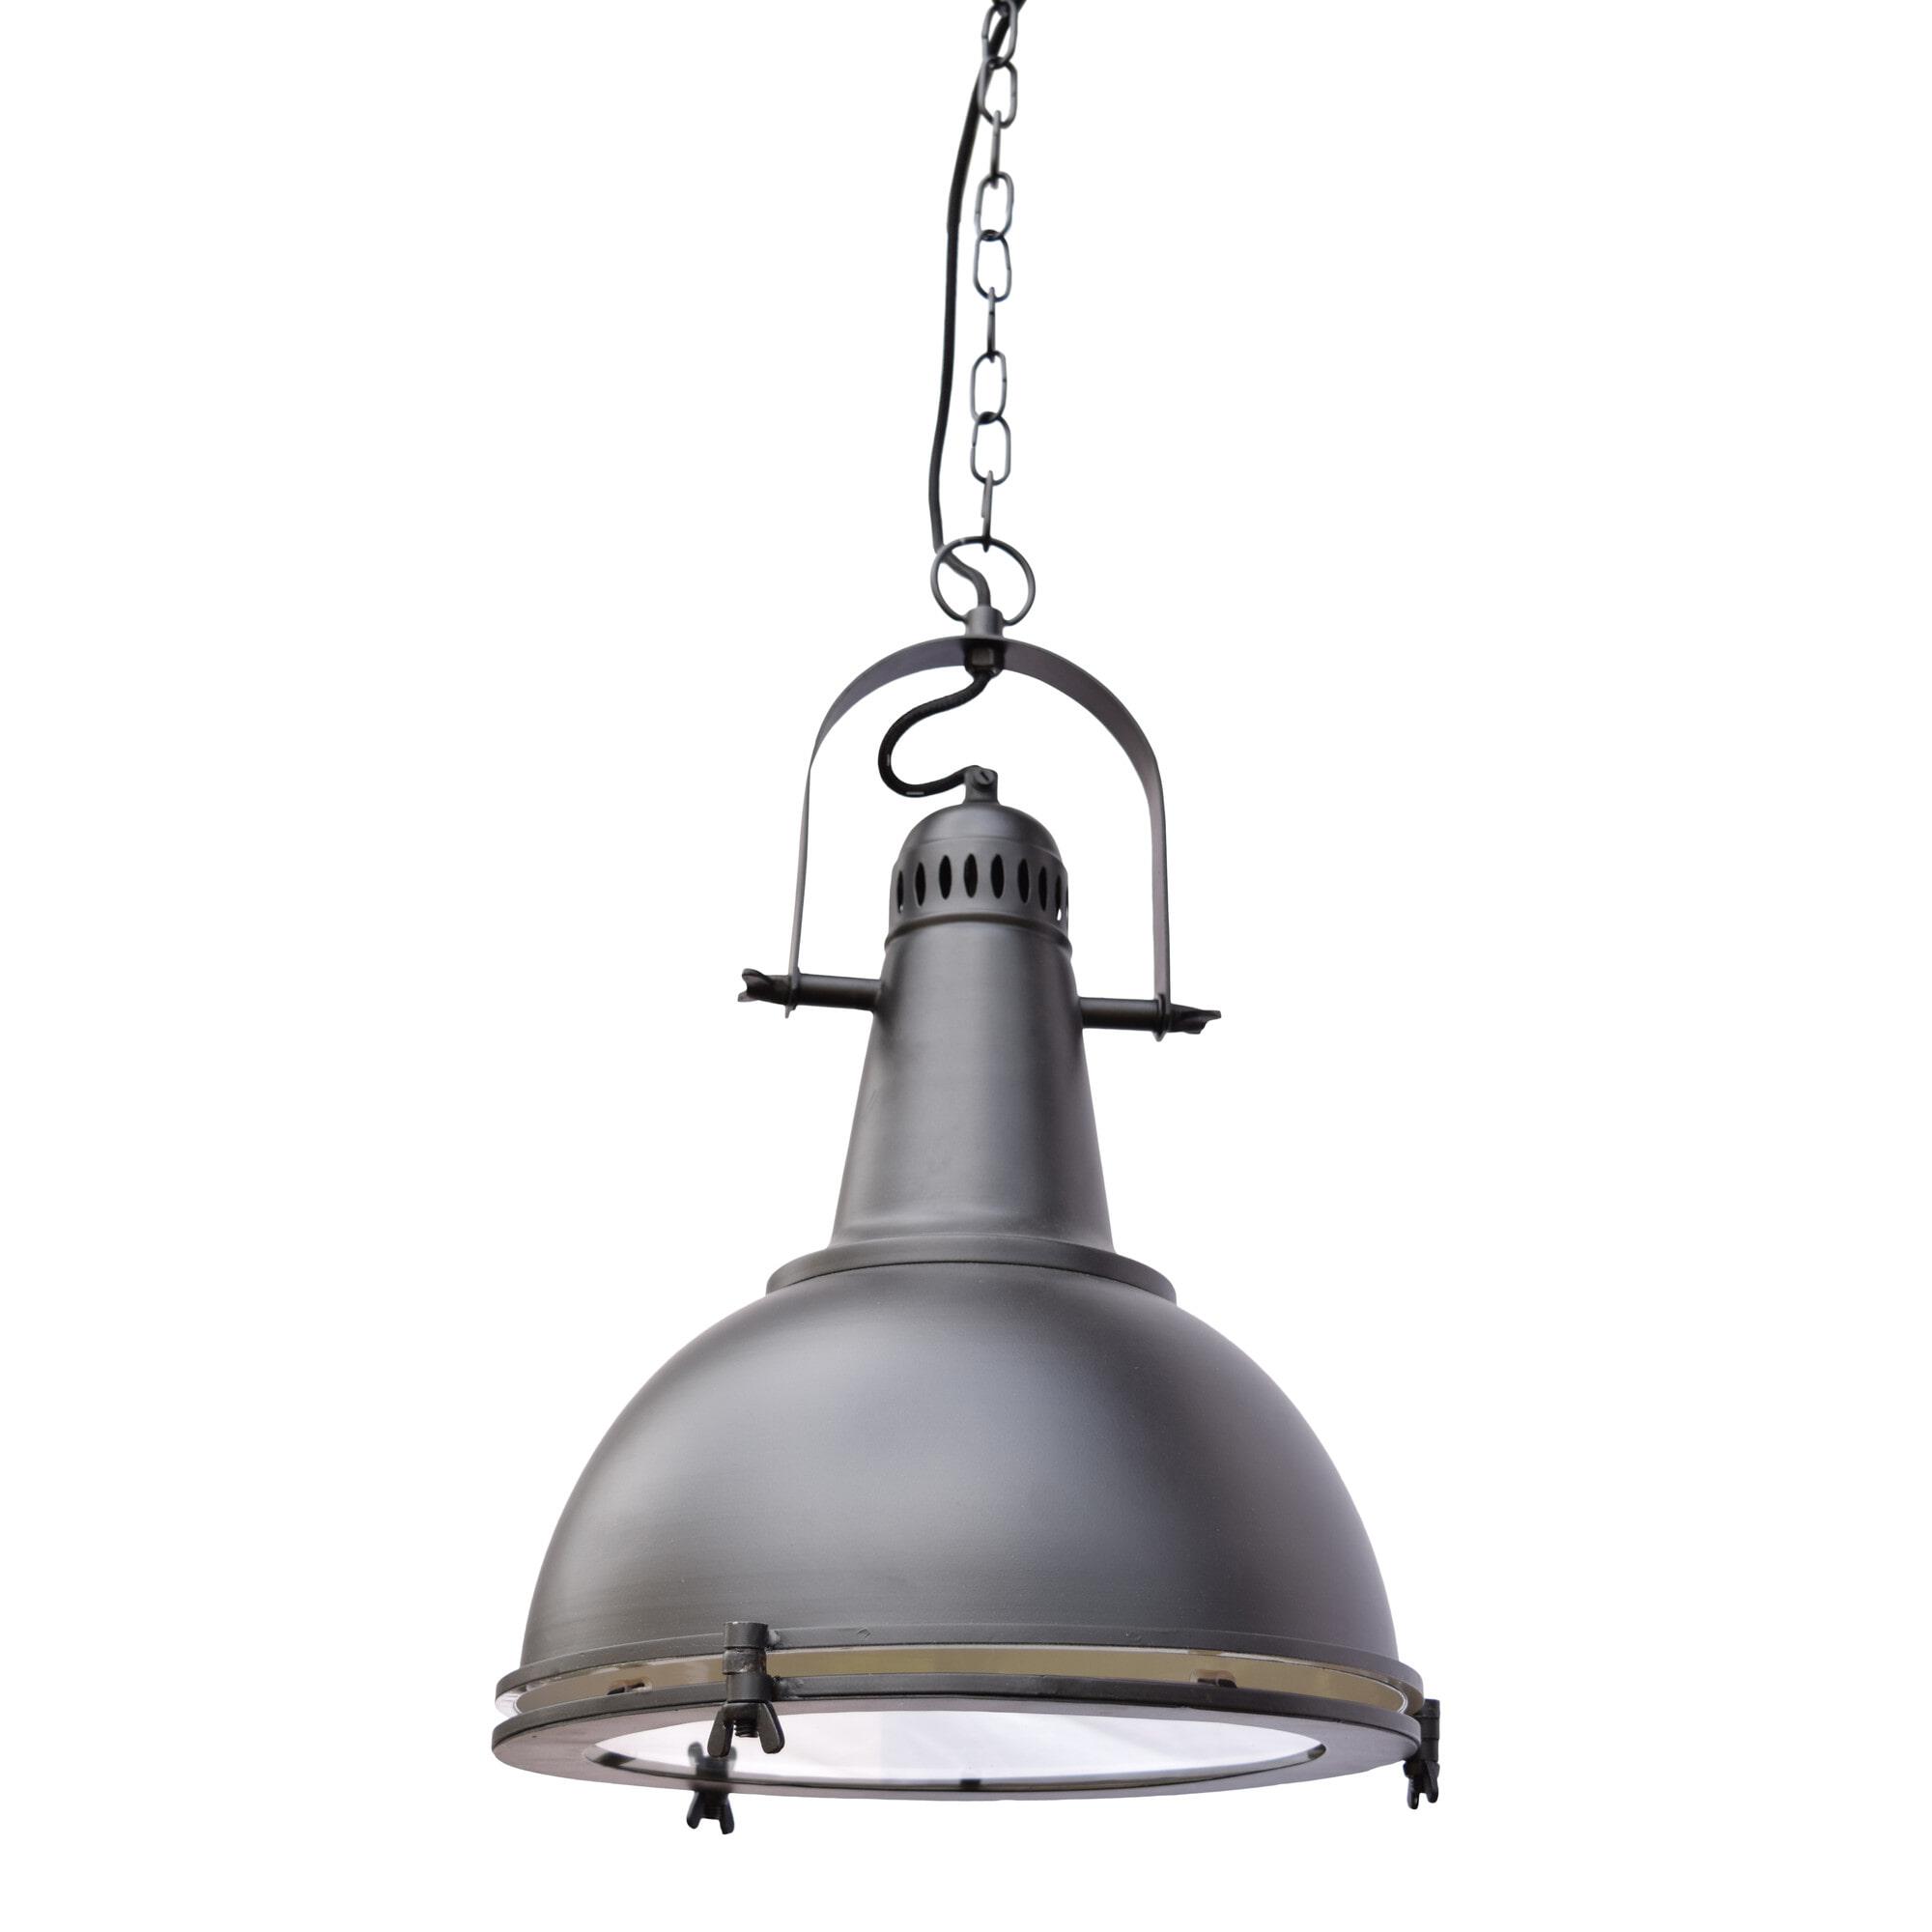 Urban Interiors hanglamp 'Hangar', kleur Mat black Verlichting | Hanglampen vergelijken doe je het voordeligst hier bij Meubelpartner